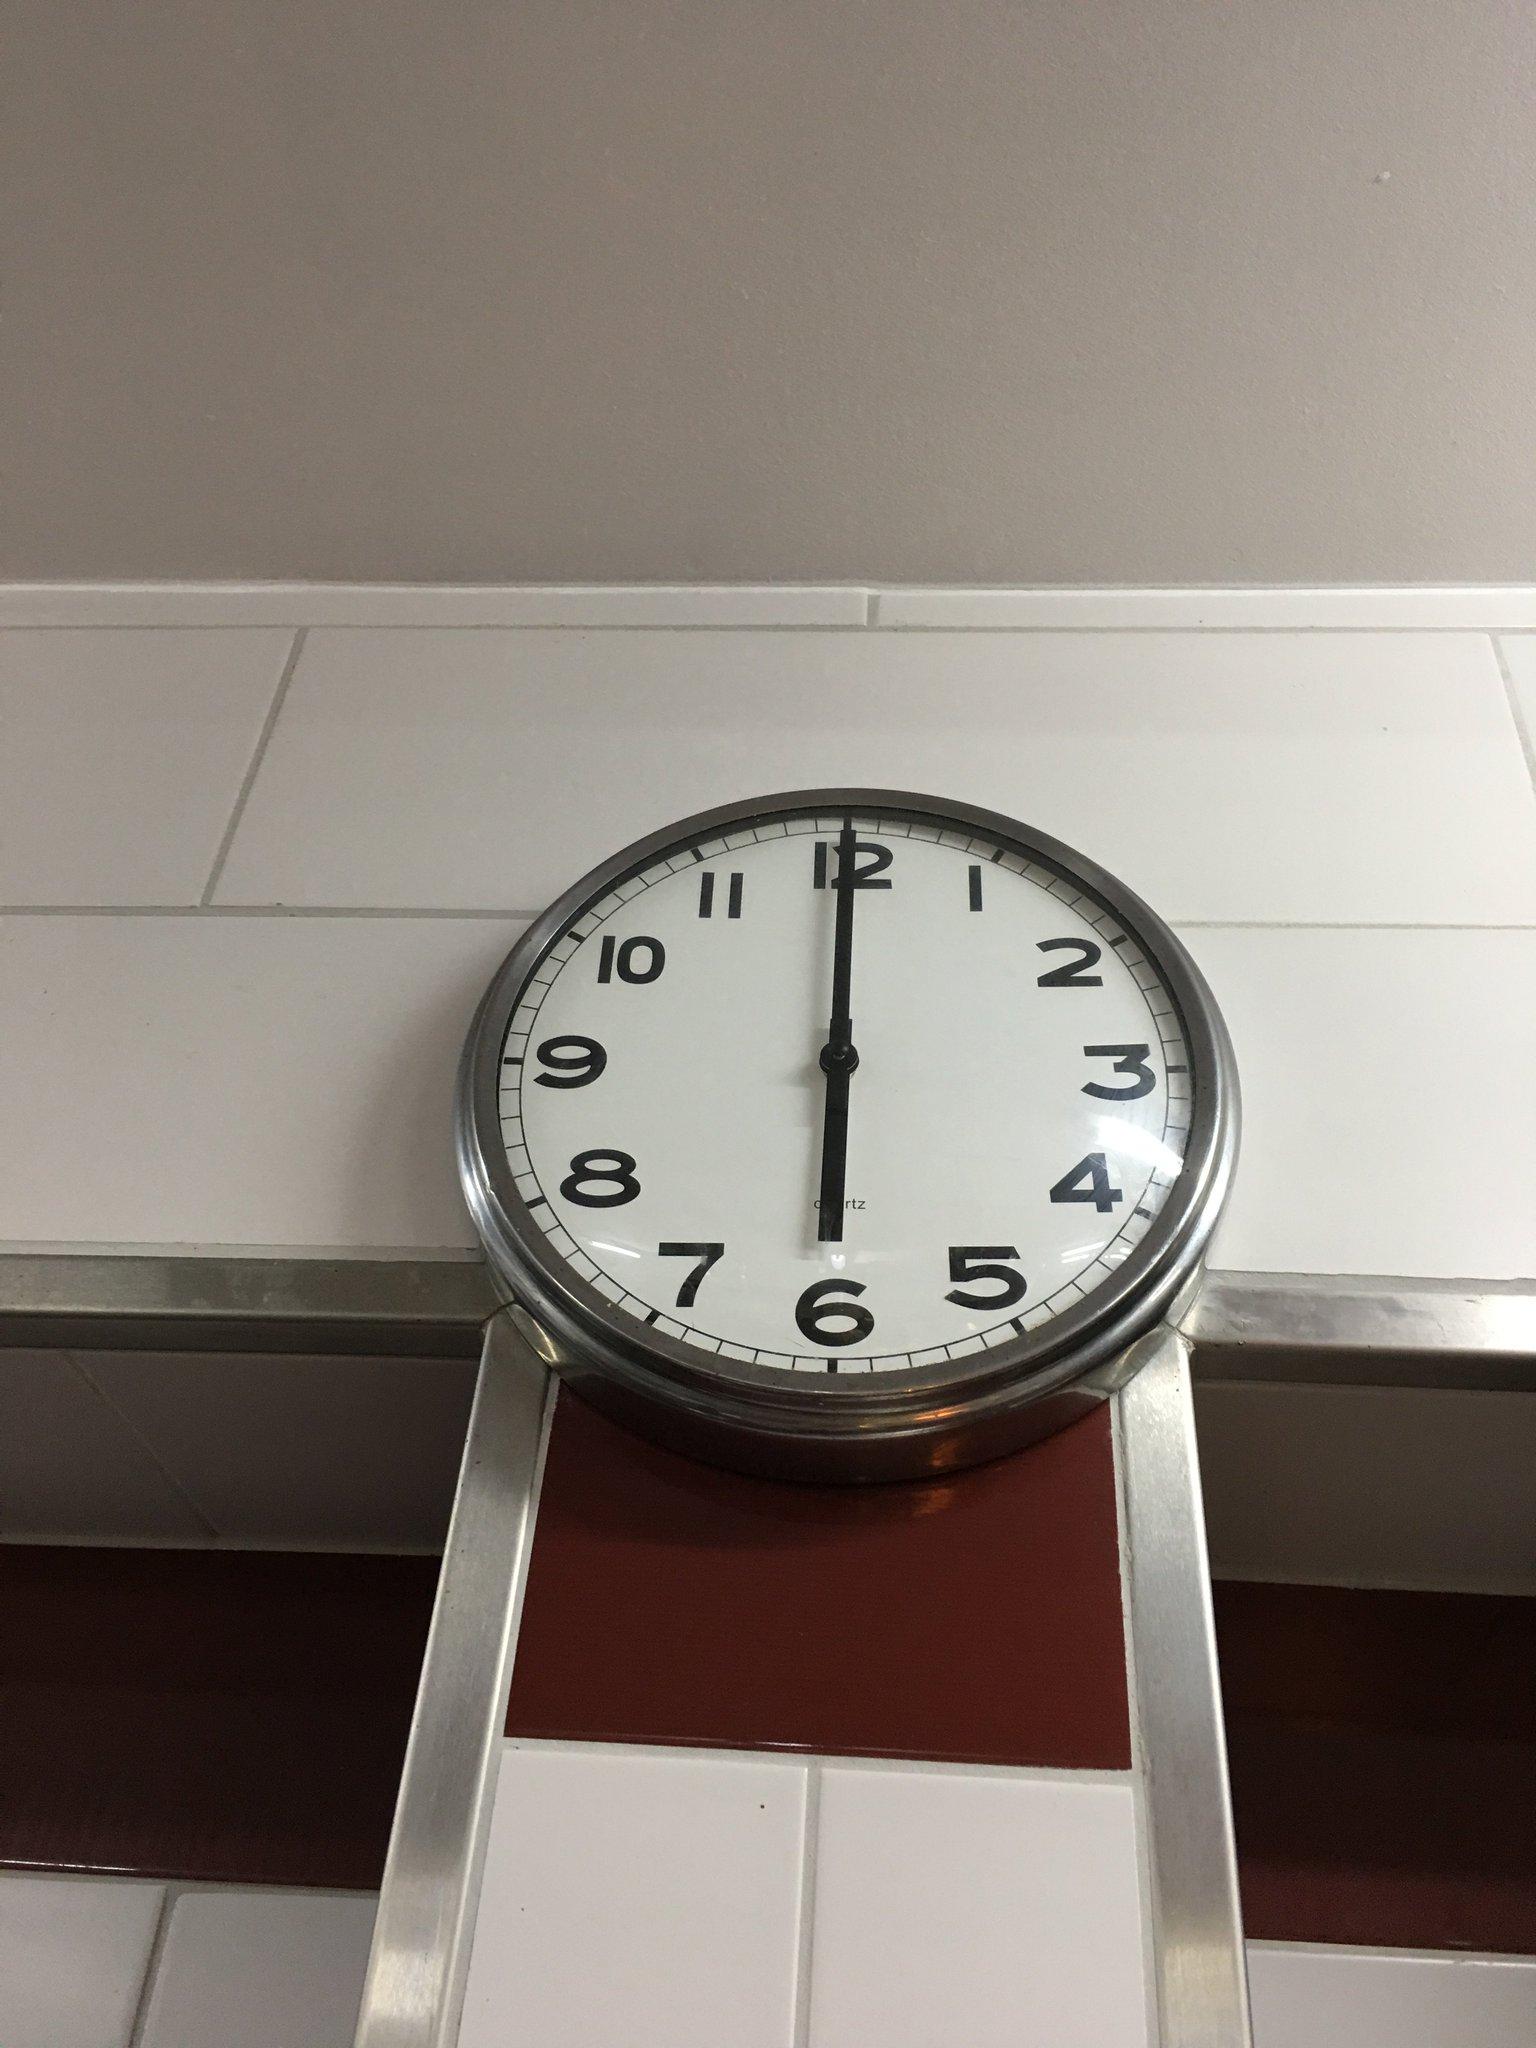 18.00 Uhr. Hiermit ist die Küchenparty offiziell eröffnet #meurers #weinbs #küchenparty https://t.co/Aex8YBvRTJ